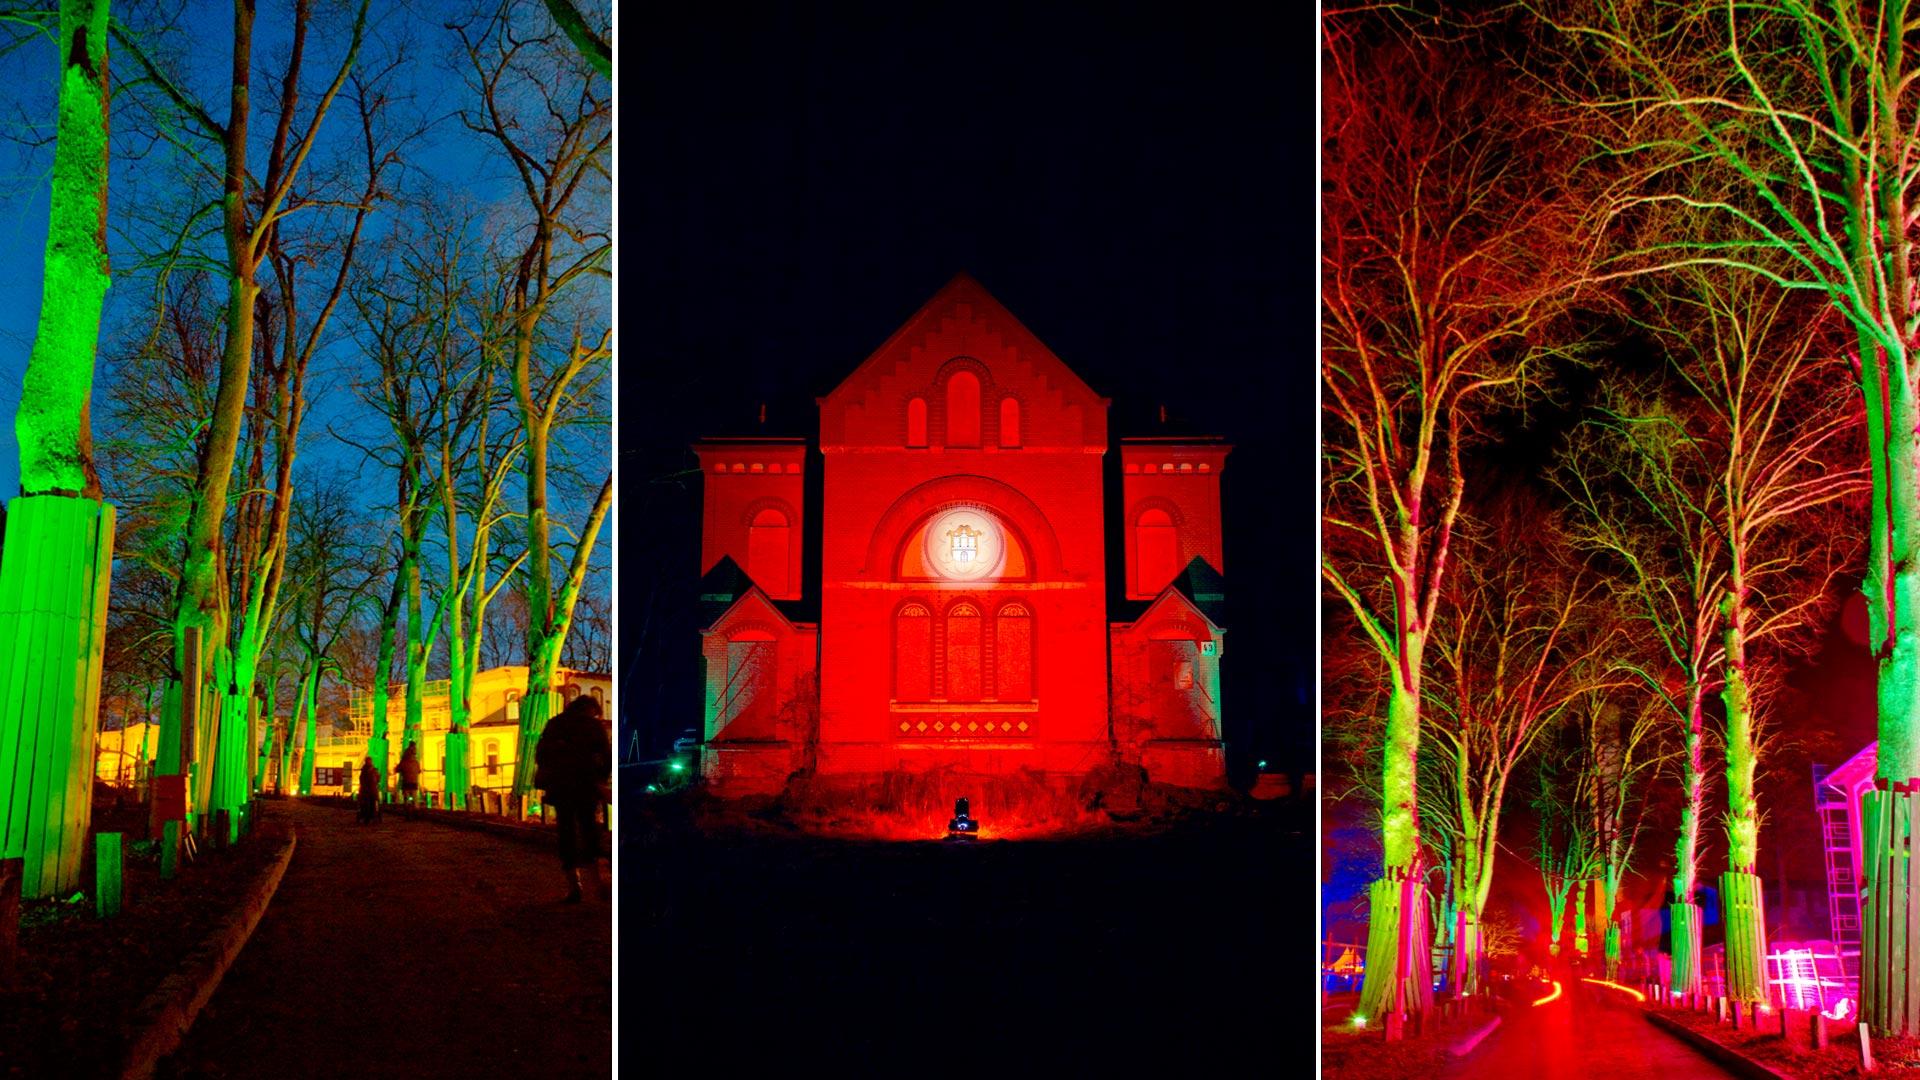 MAASS-Lichtplanung_Lichtevent im Park UNTER DEN LINDEN HAMBURG__MAASS-Lichtzauber-007